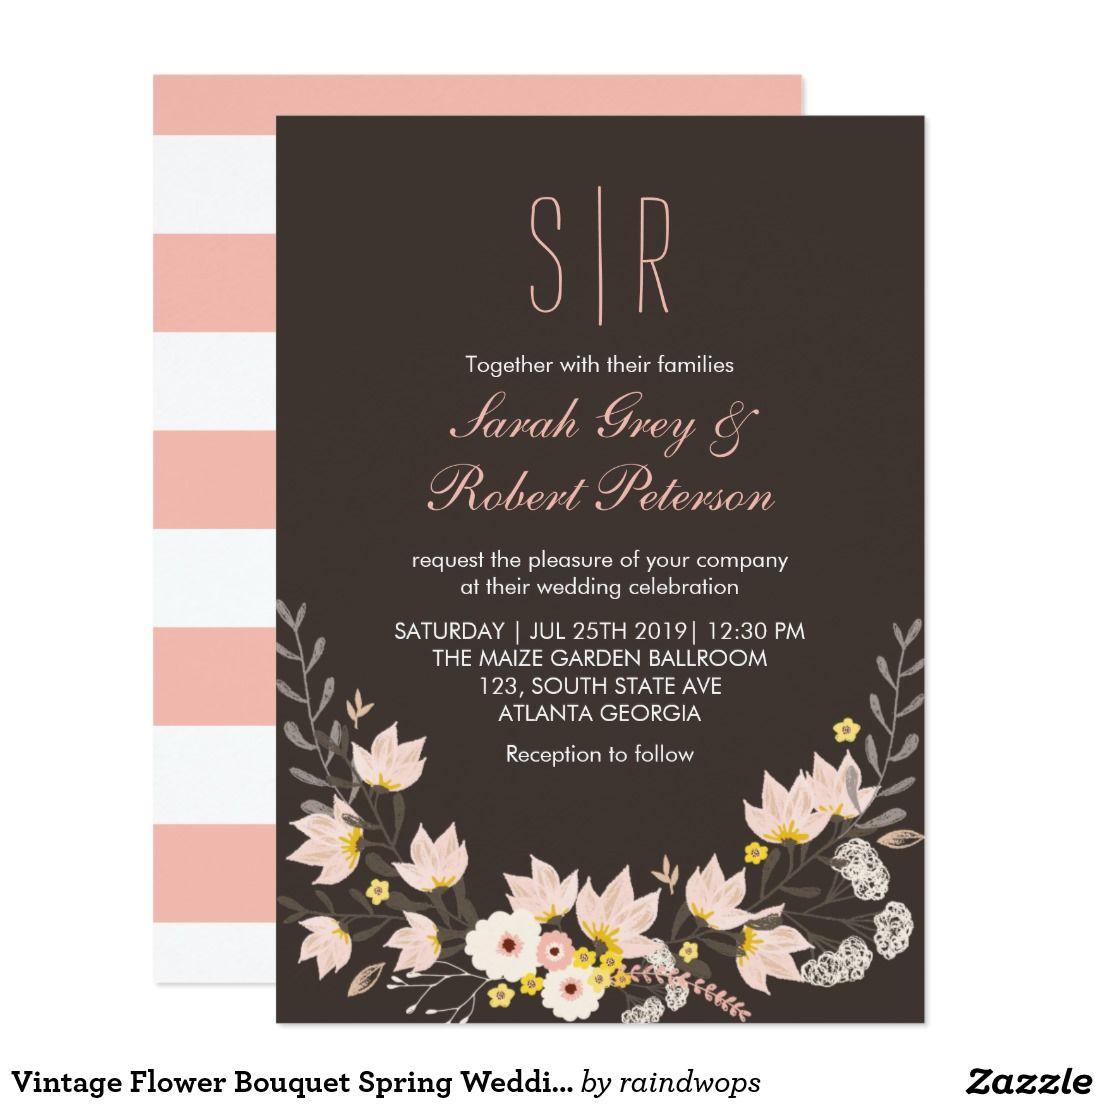 Vintage Flower Bouquet Spring Wedding Invitation Wedding